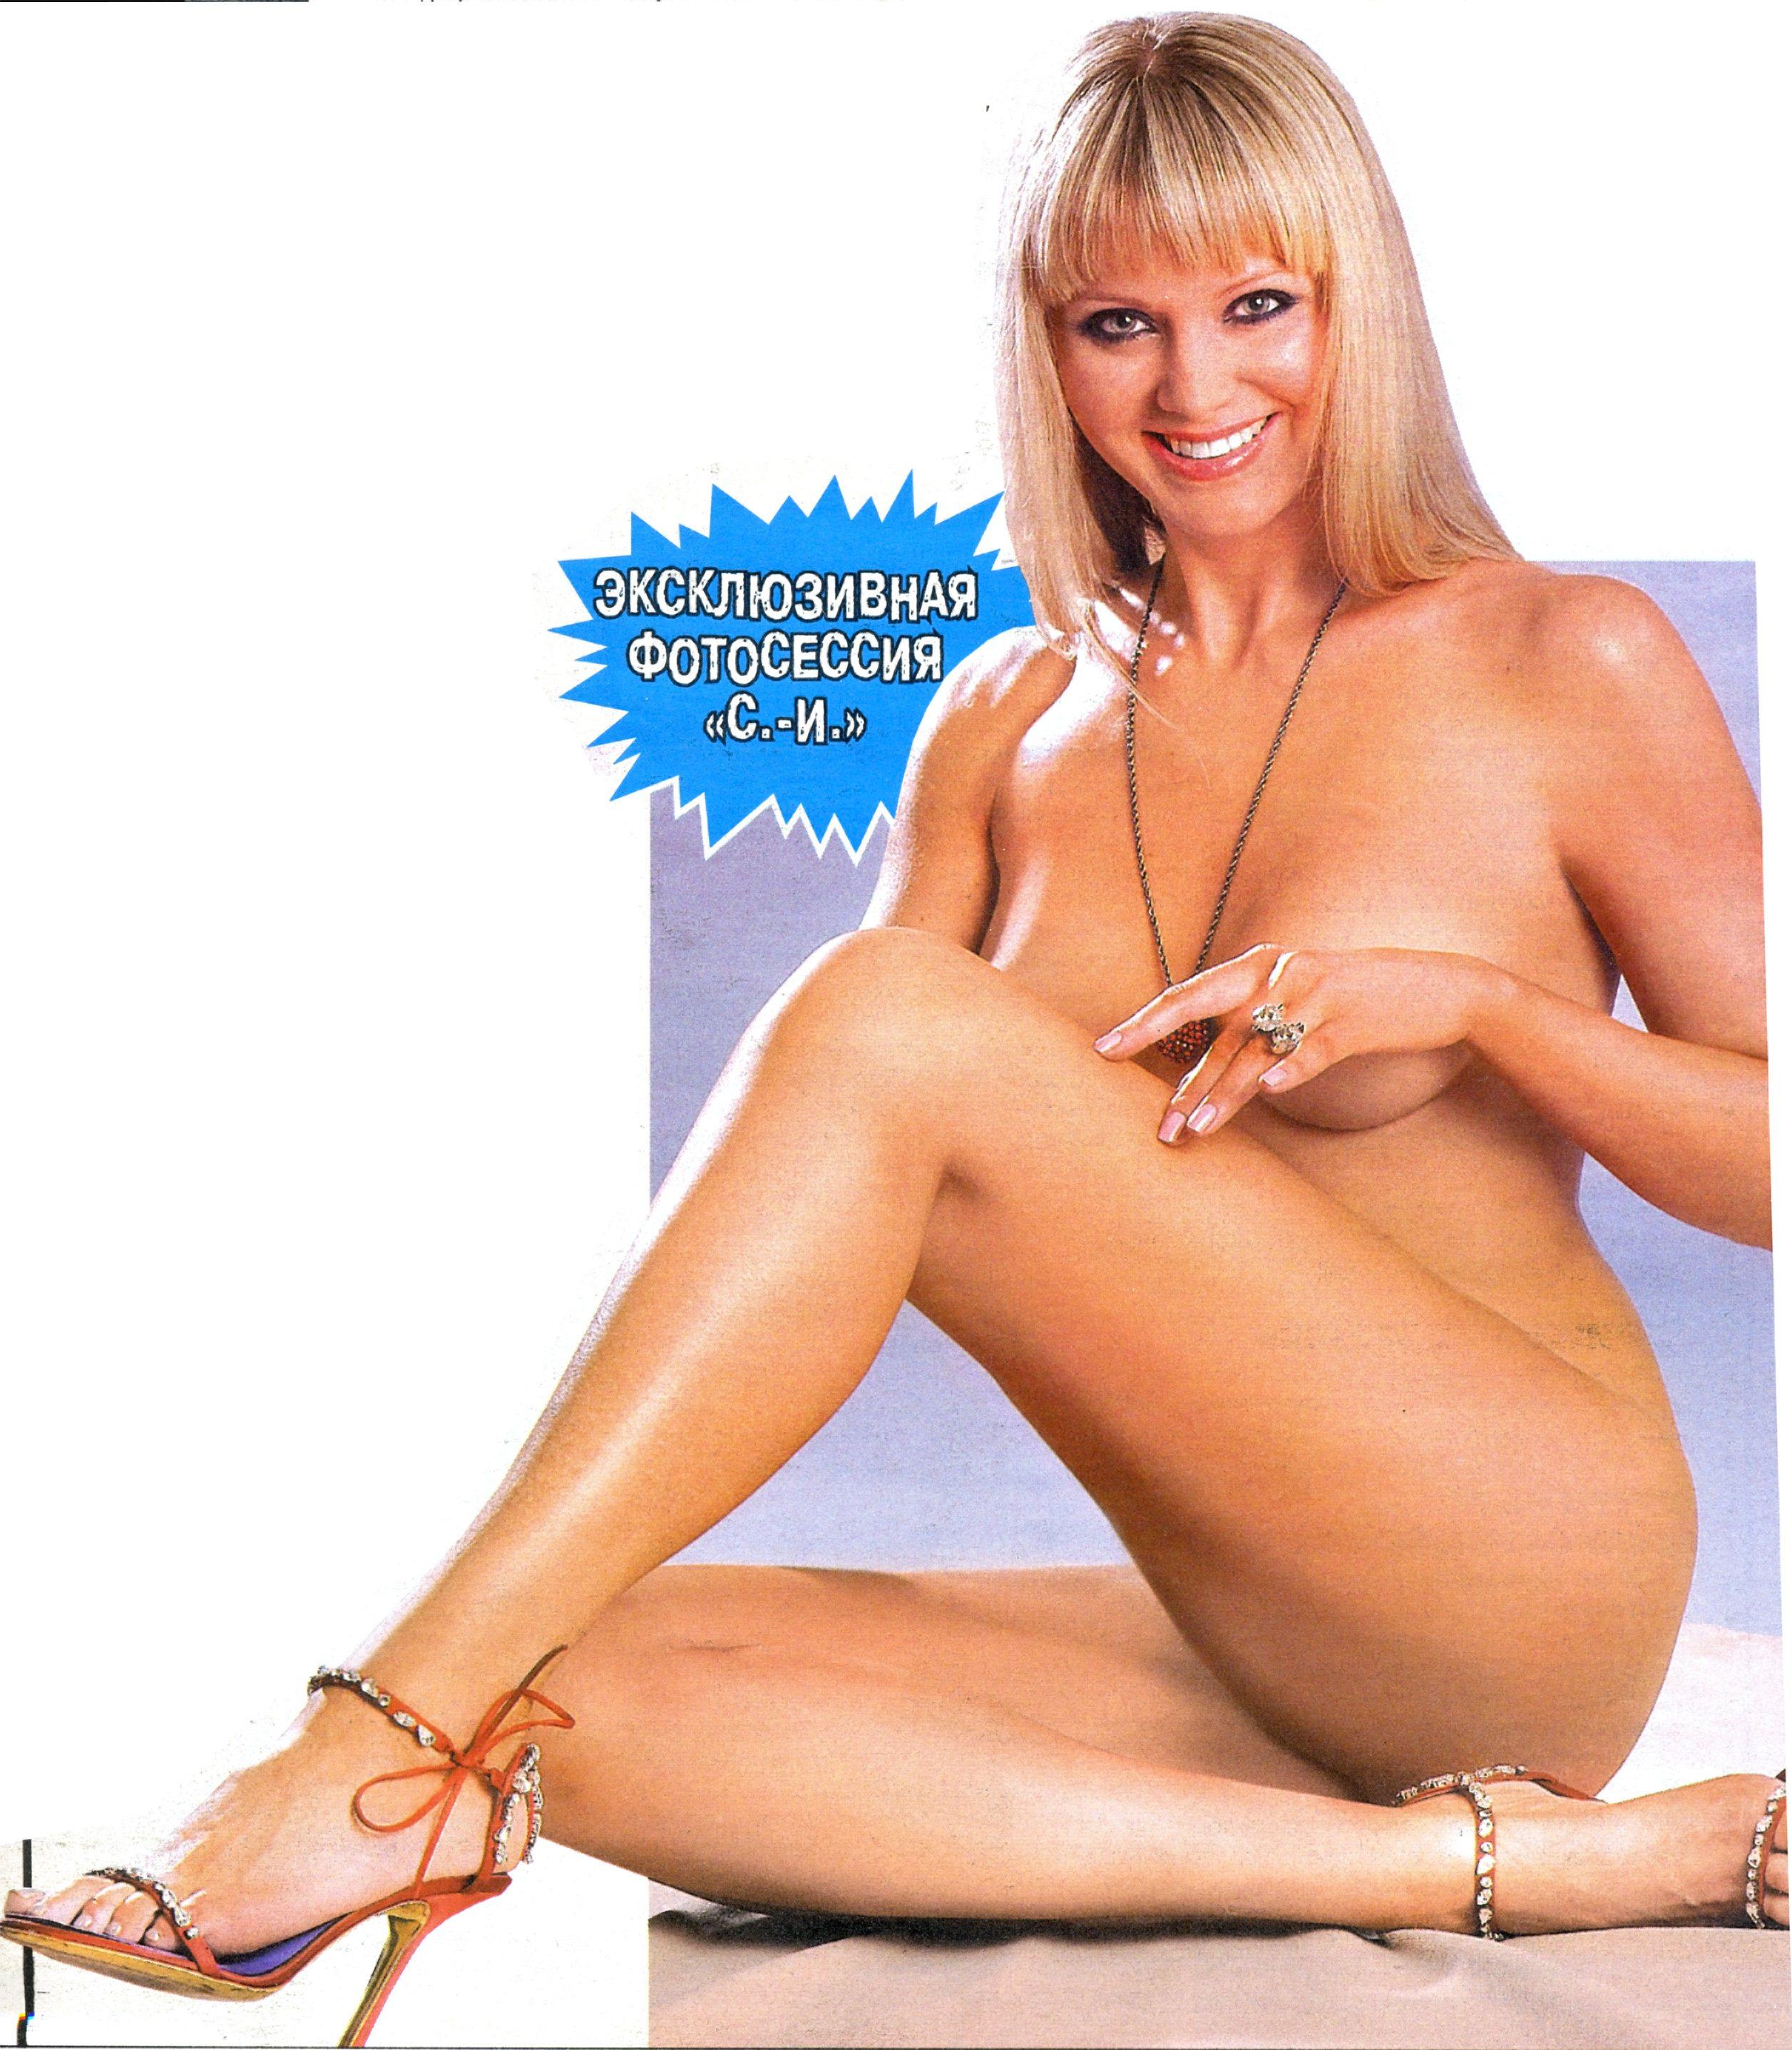 Русская порно актриса nataly 27 фотография